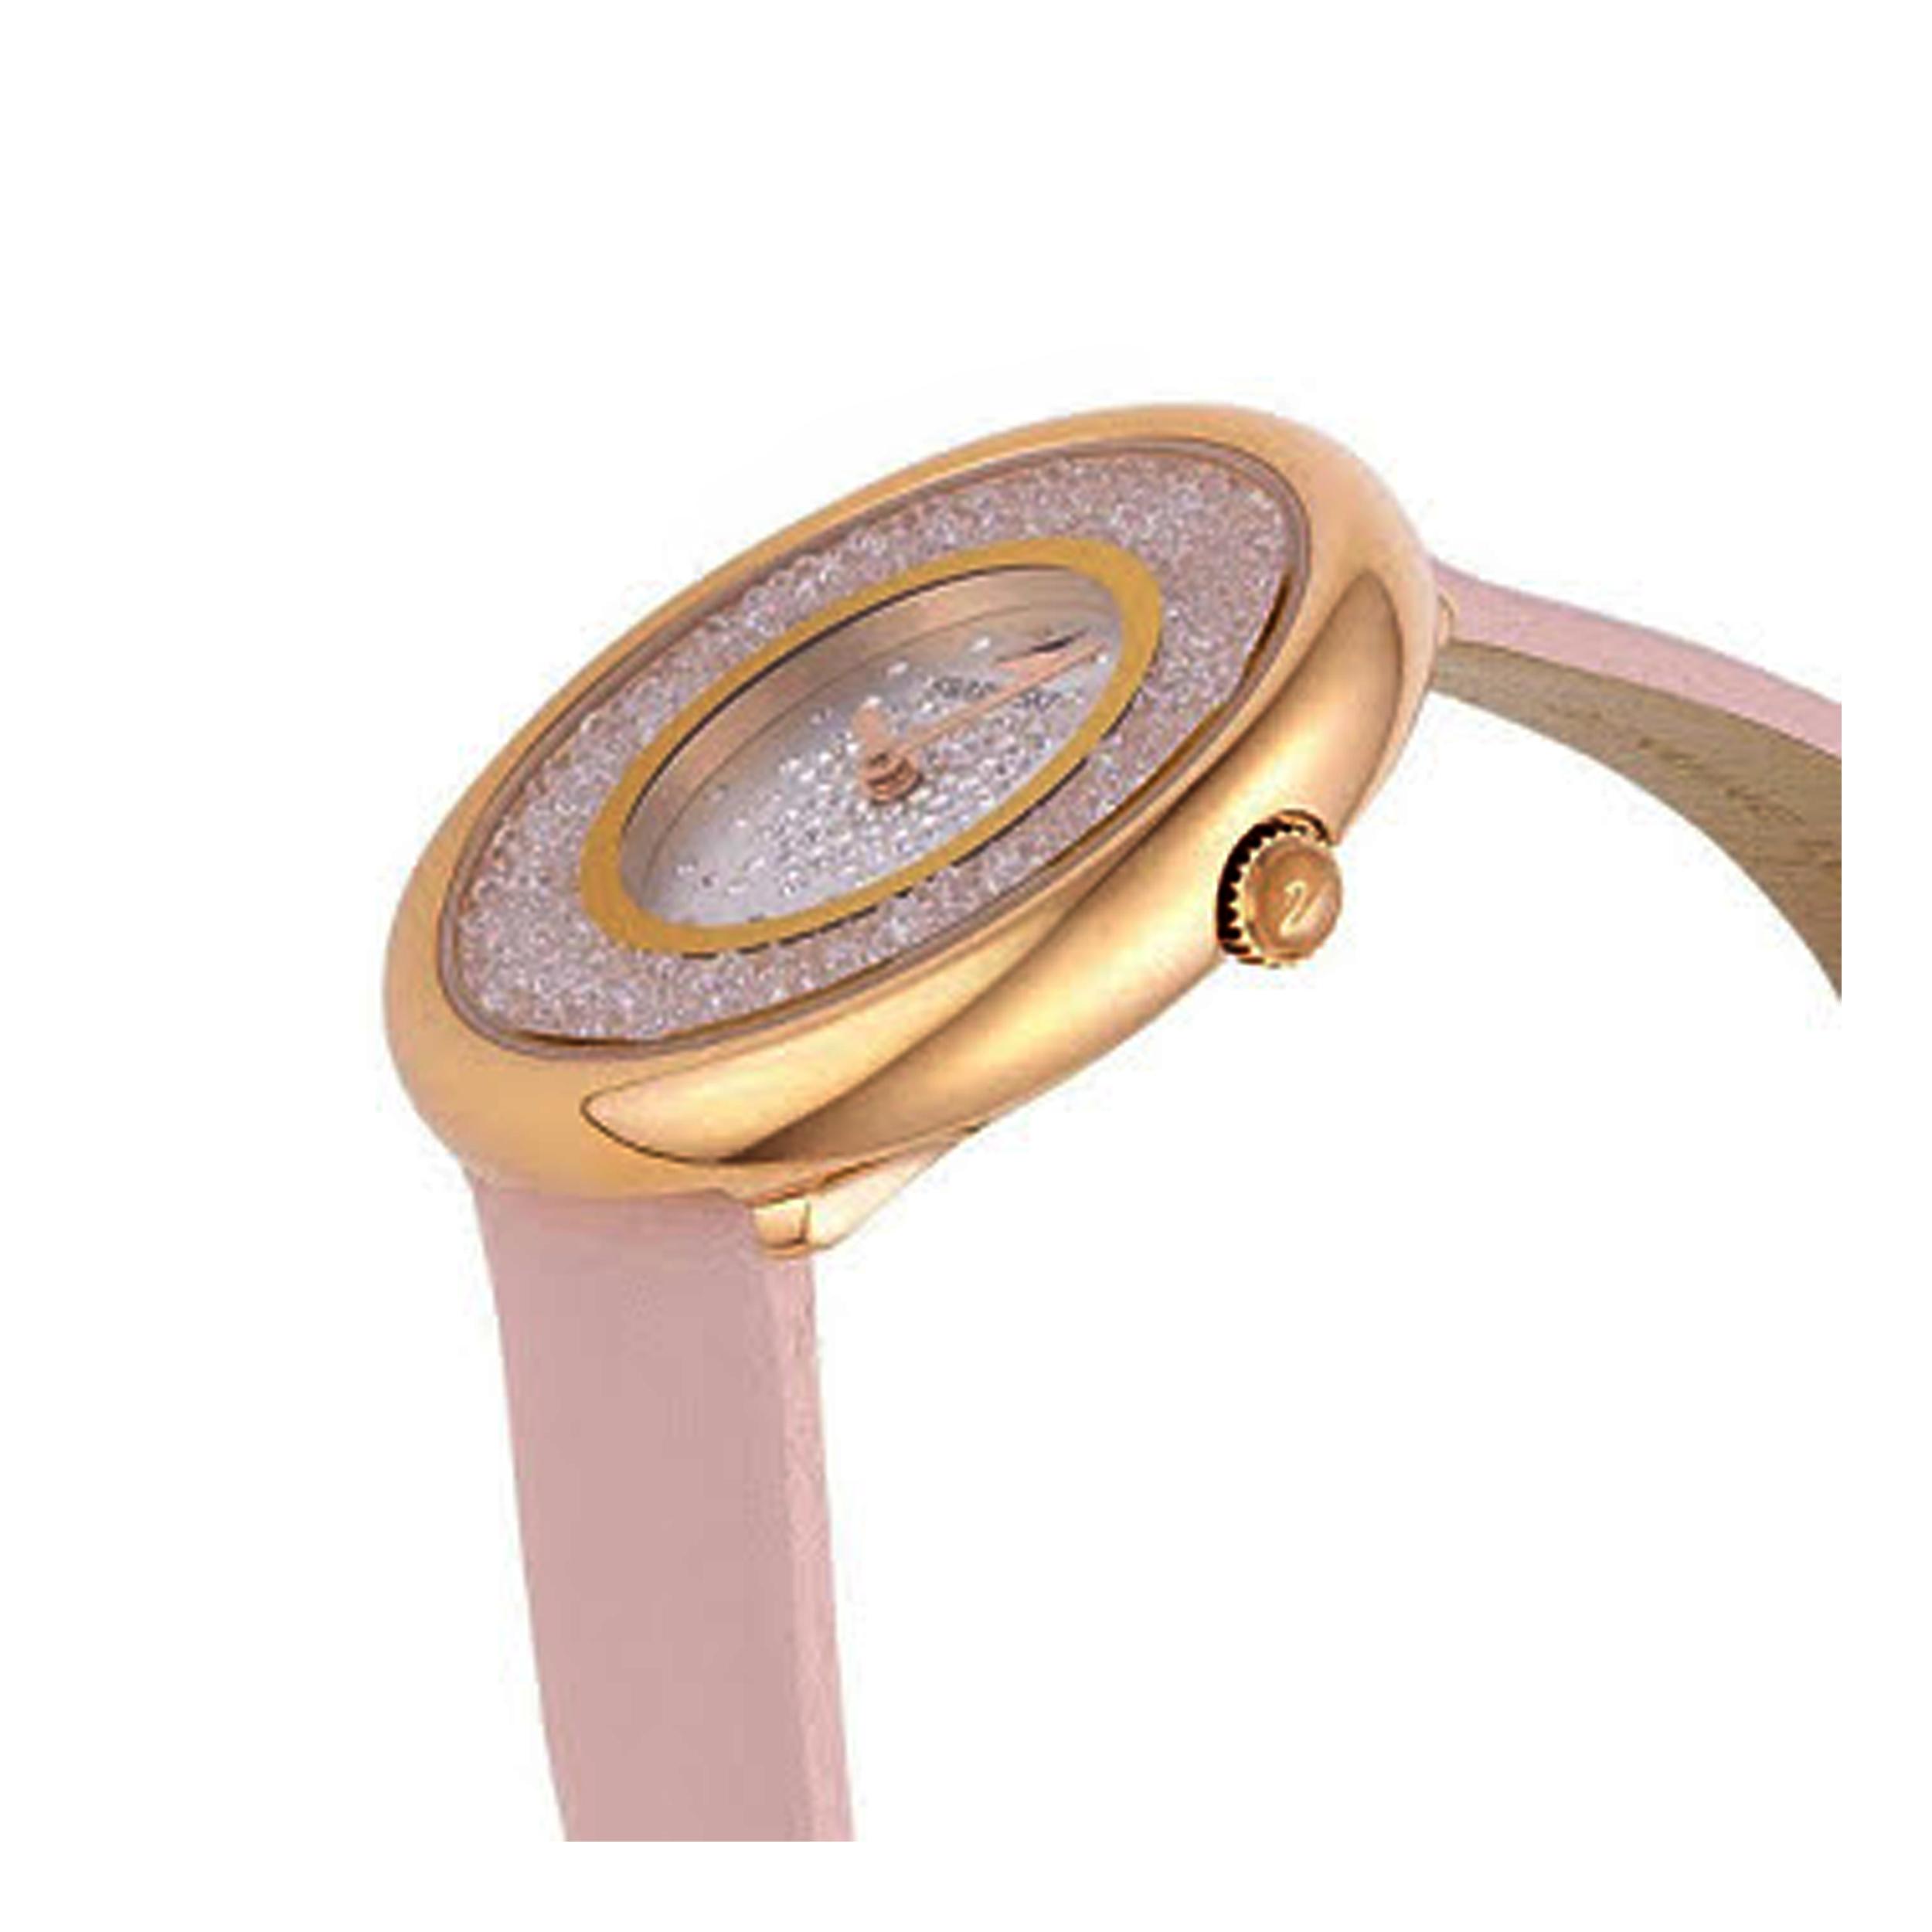 ساعت مچی عقربه ای زنانه سواروسکی مدل 5376086 -  - 3